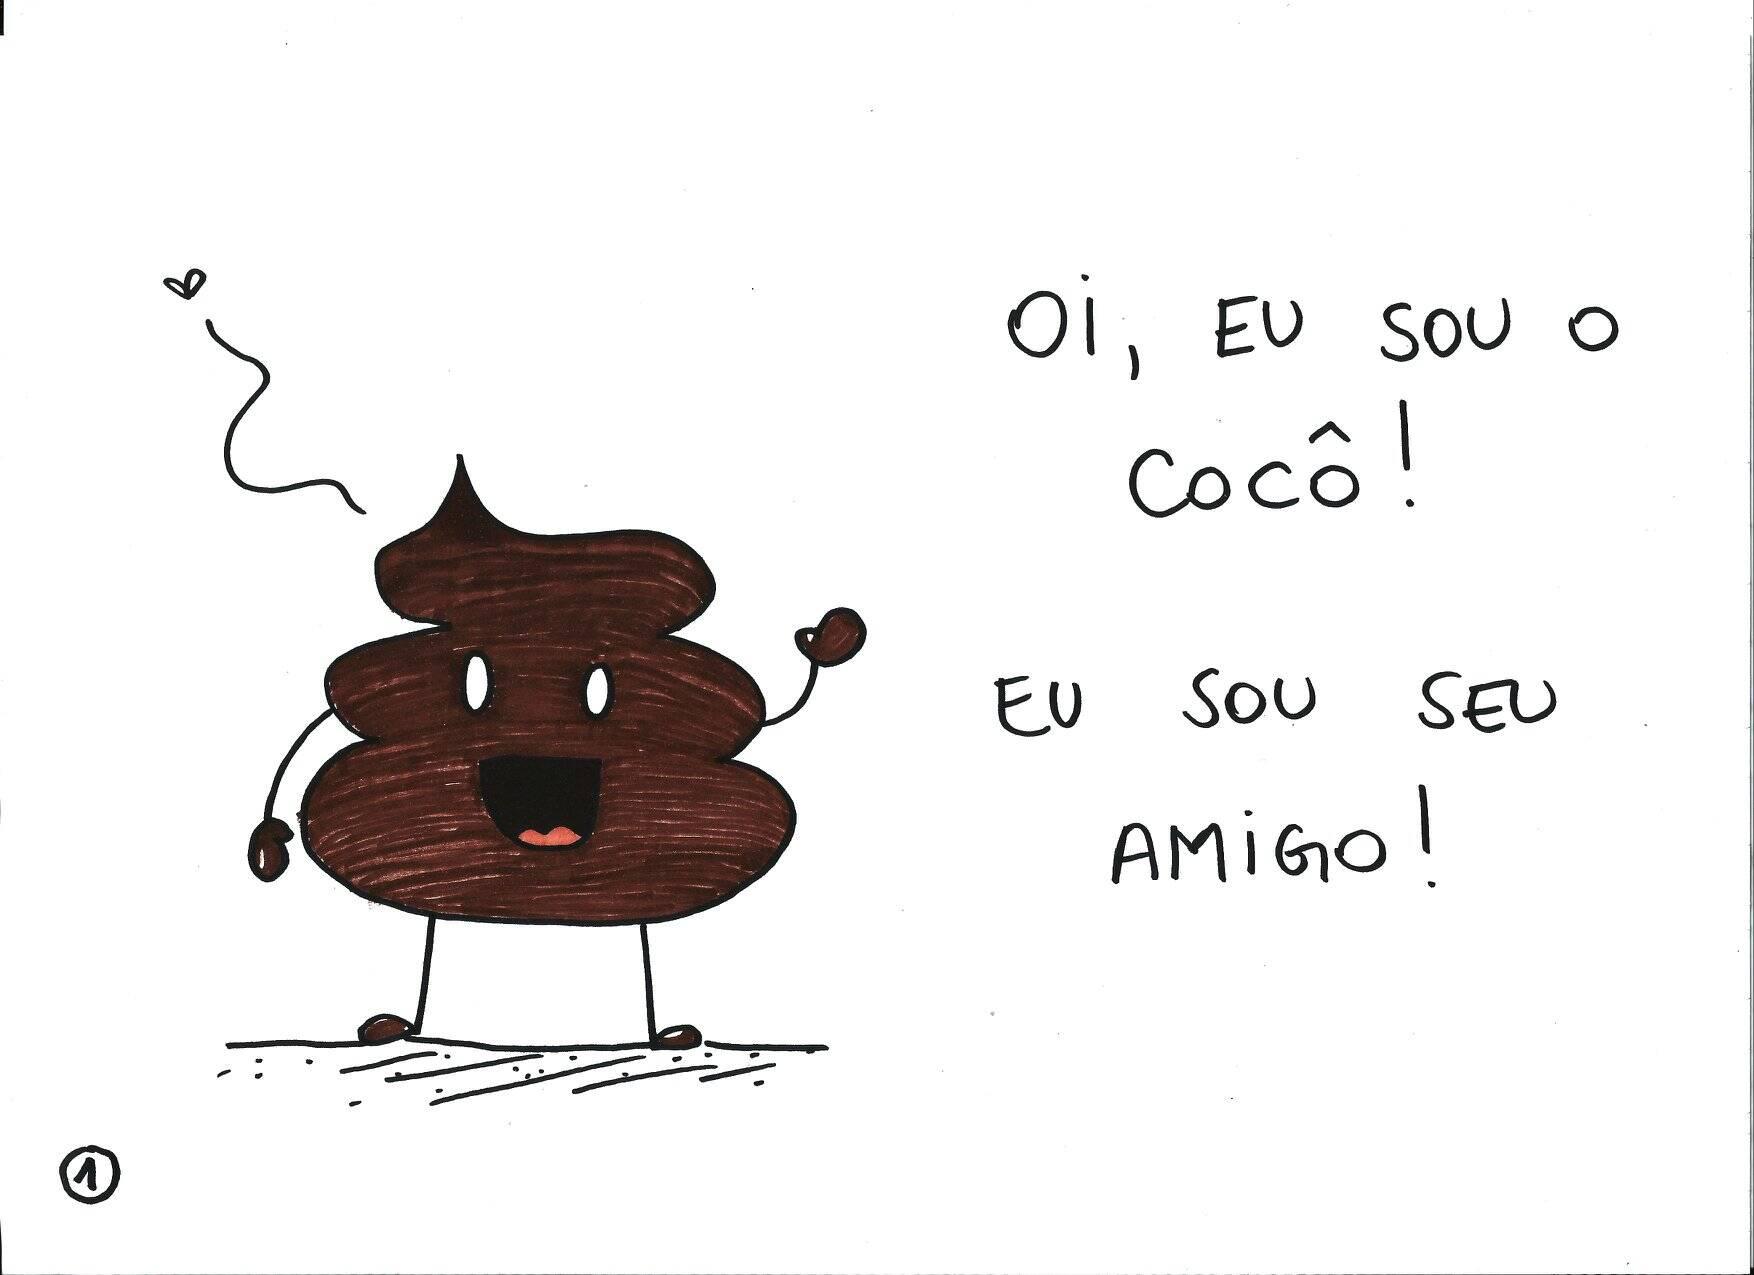 """Depois de pedidos de mães, a cartunista Mauren Veras também criou a versão para meninas do livro  """"O Cocô Amigo"""". Foto: Mauren Veras"""